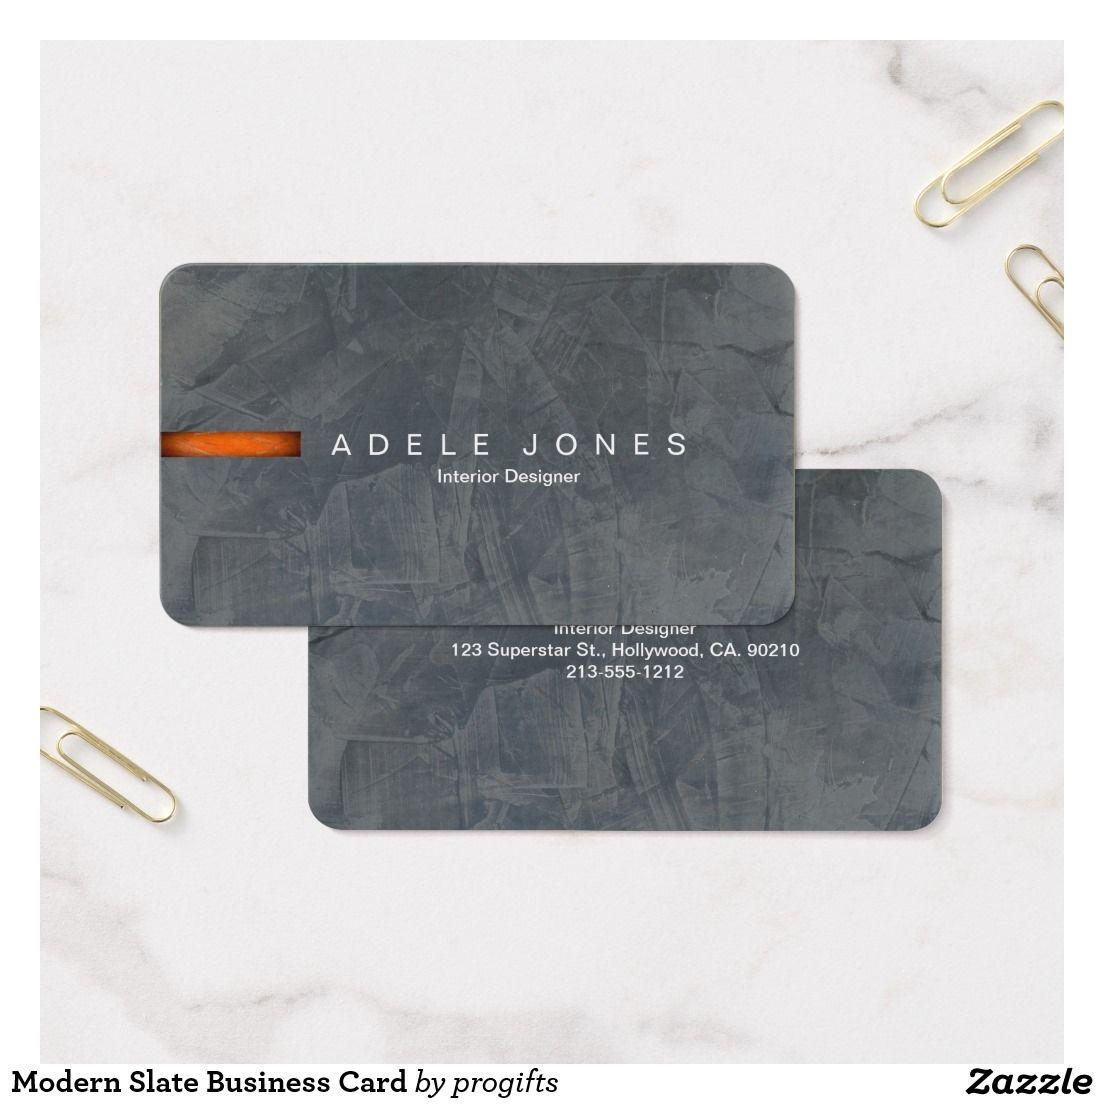 Modern Slate Business Card Zazzle Com In 2021 Painter Business Card Interior Designer Business Card Name Card Design